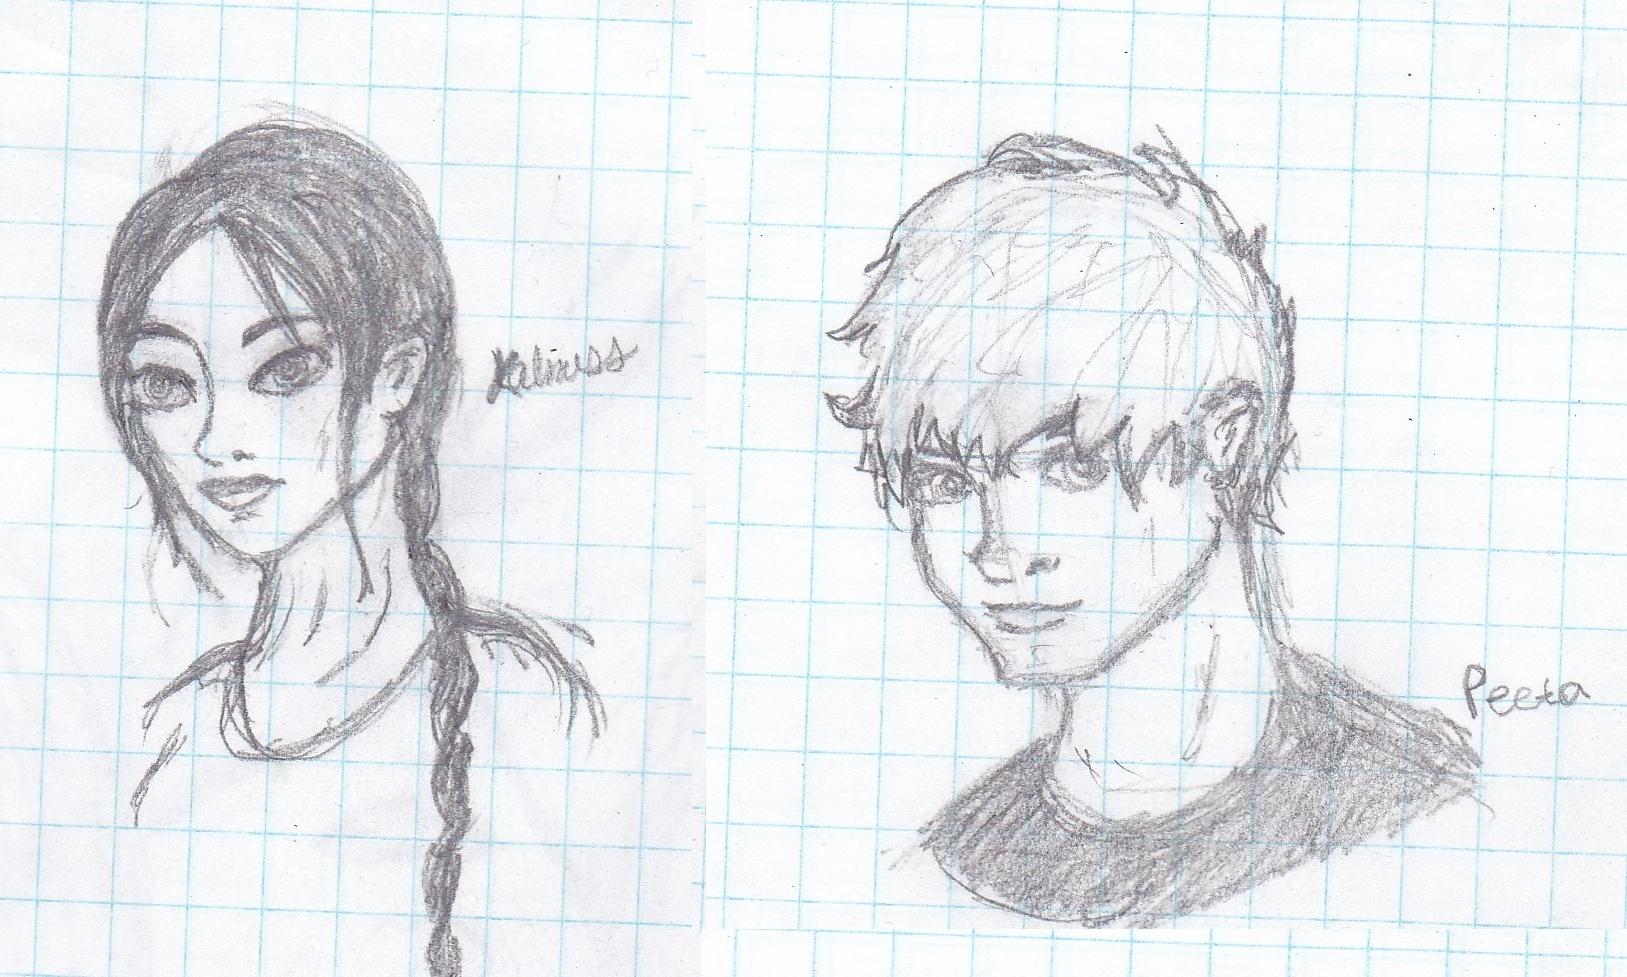 Hunger Games Peeta Drawing How To Draw Kat...